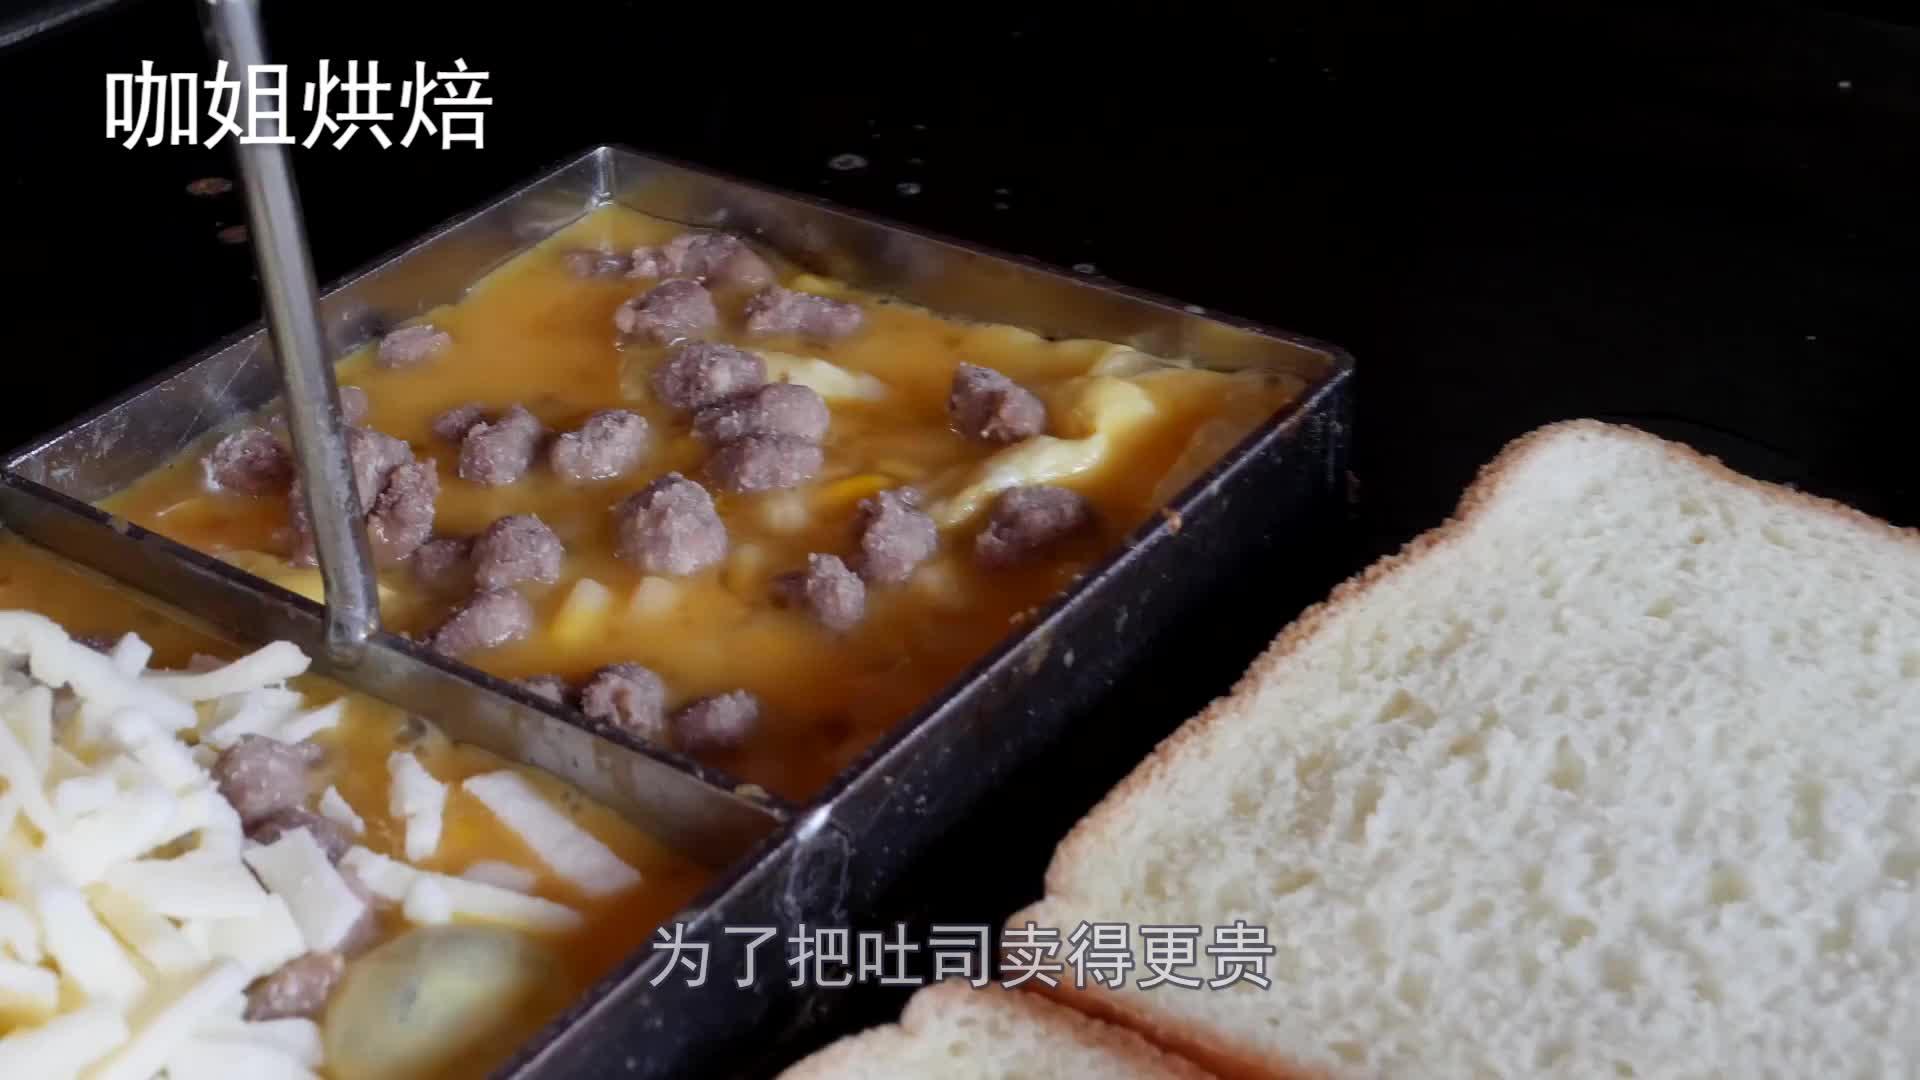 韩国超火爆的披萨吐司!老板手拿黄油直接抹,现做现卖巨诱人!